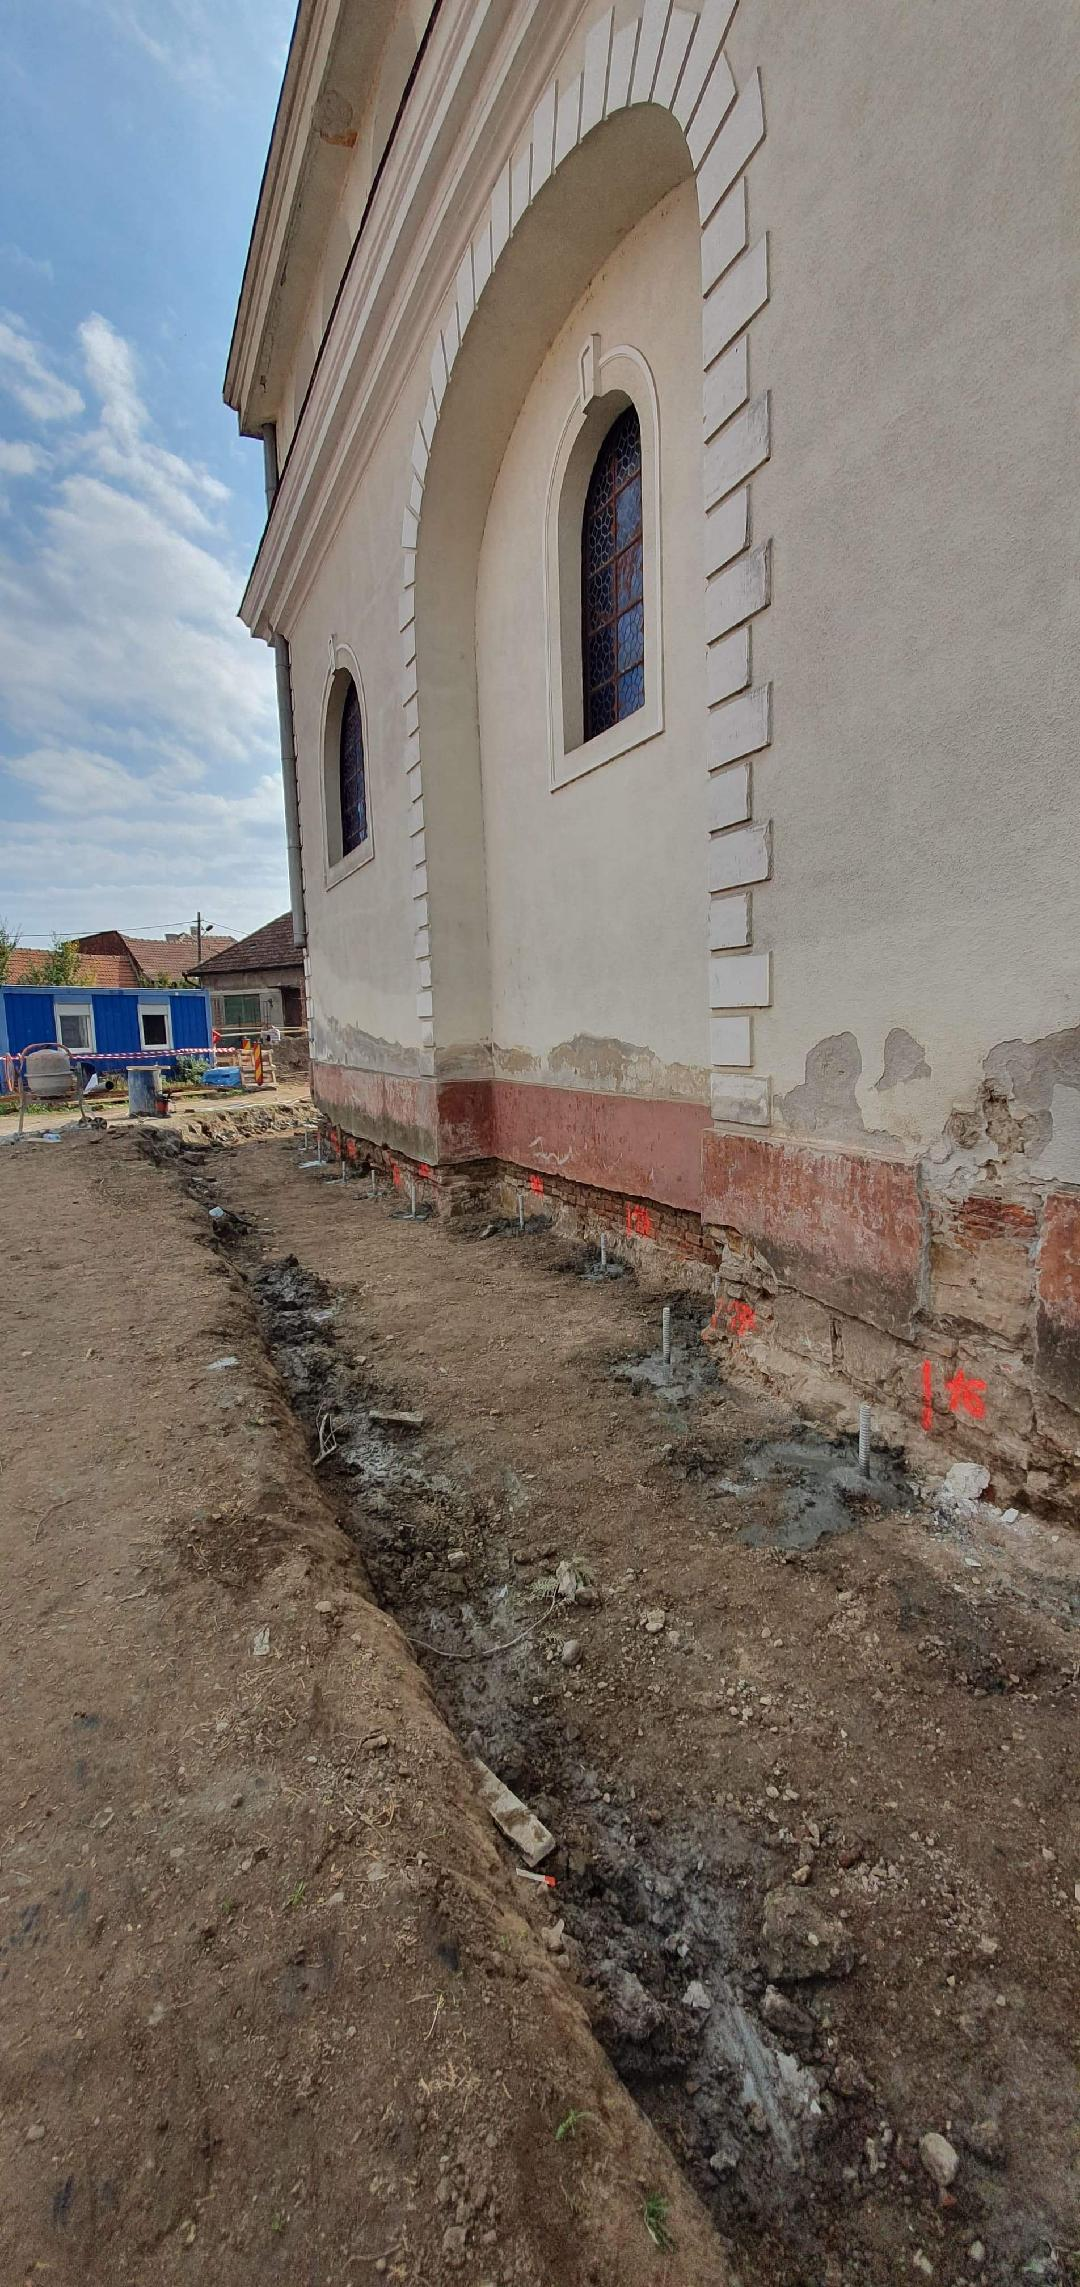 Lucrări avansate în cadrul proiectului pentru reabilitarea Bisericii Ortodoxe din Lipova - se consolidează fundația bisericii